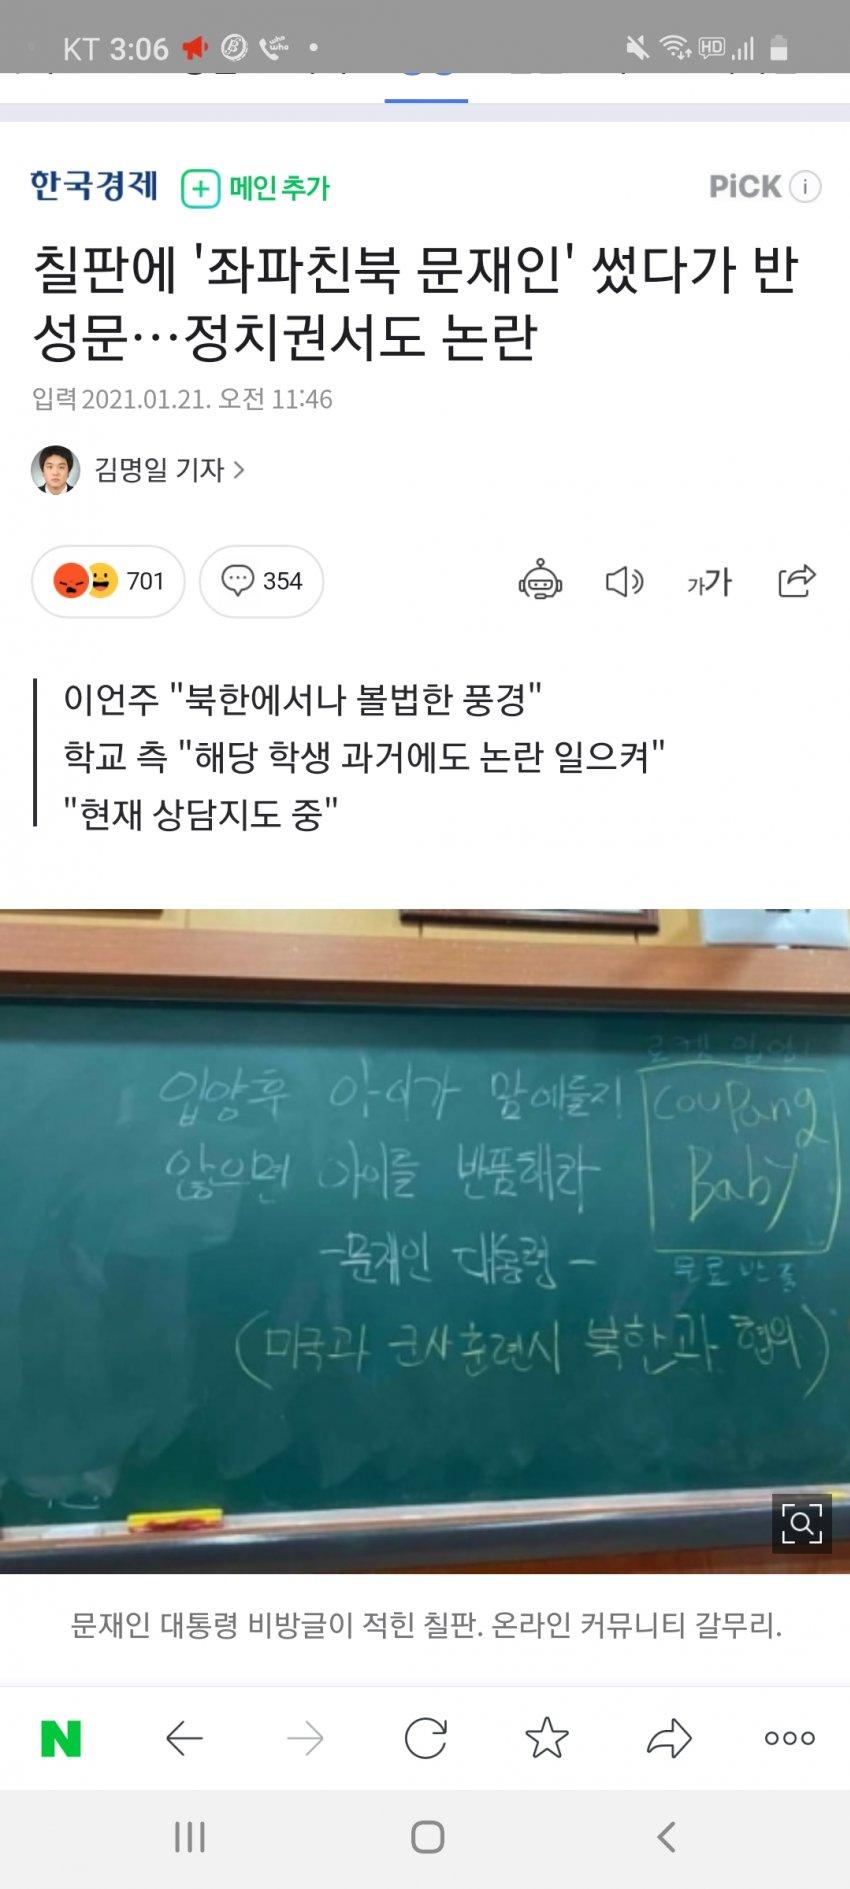 [유머] 반성문을 쓴 이유 -  와이드섬